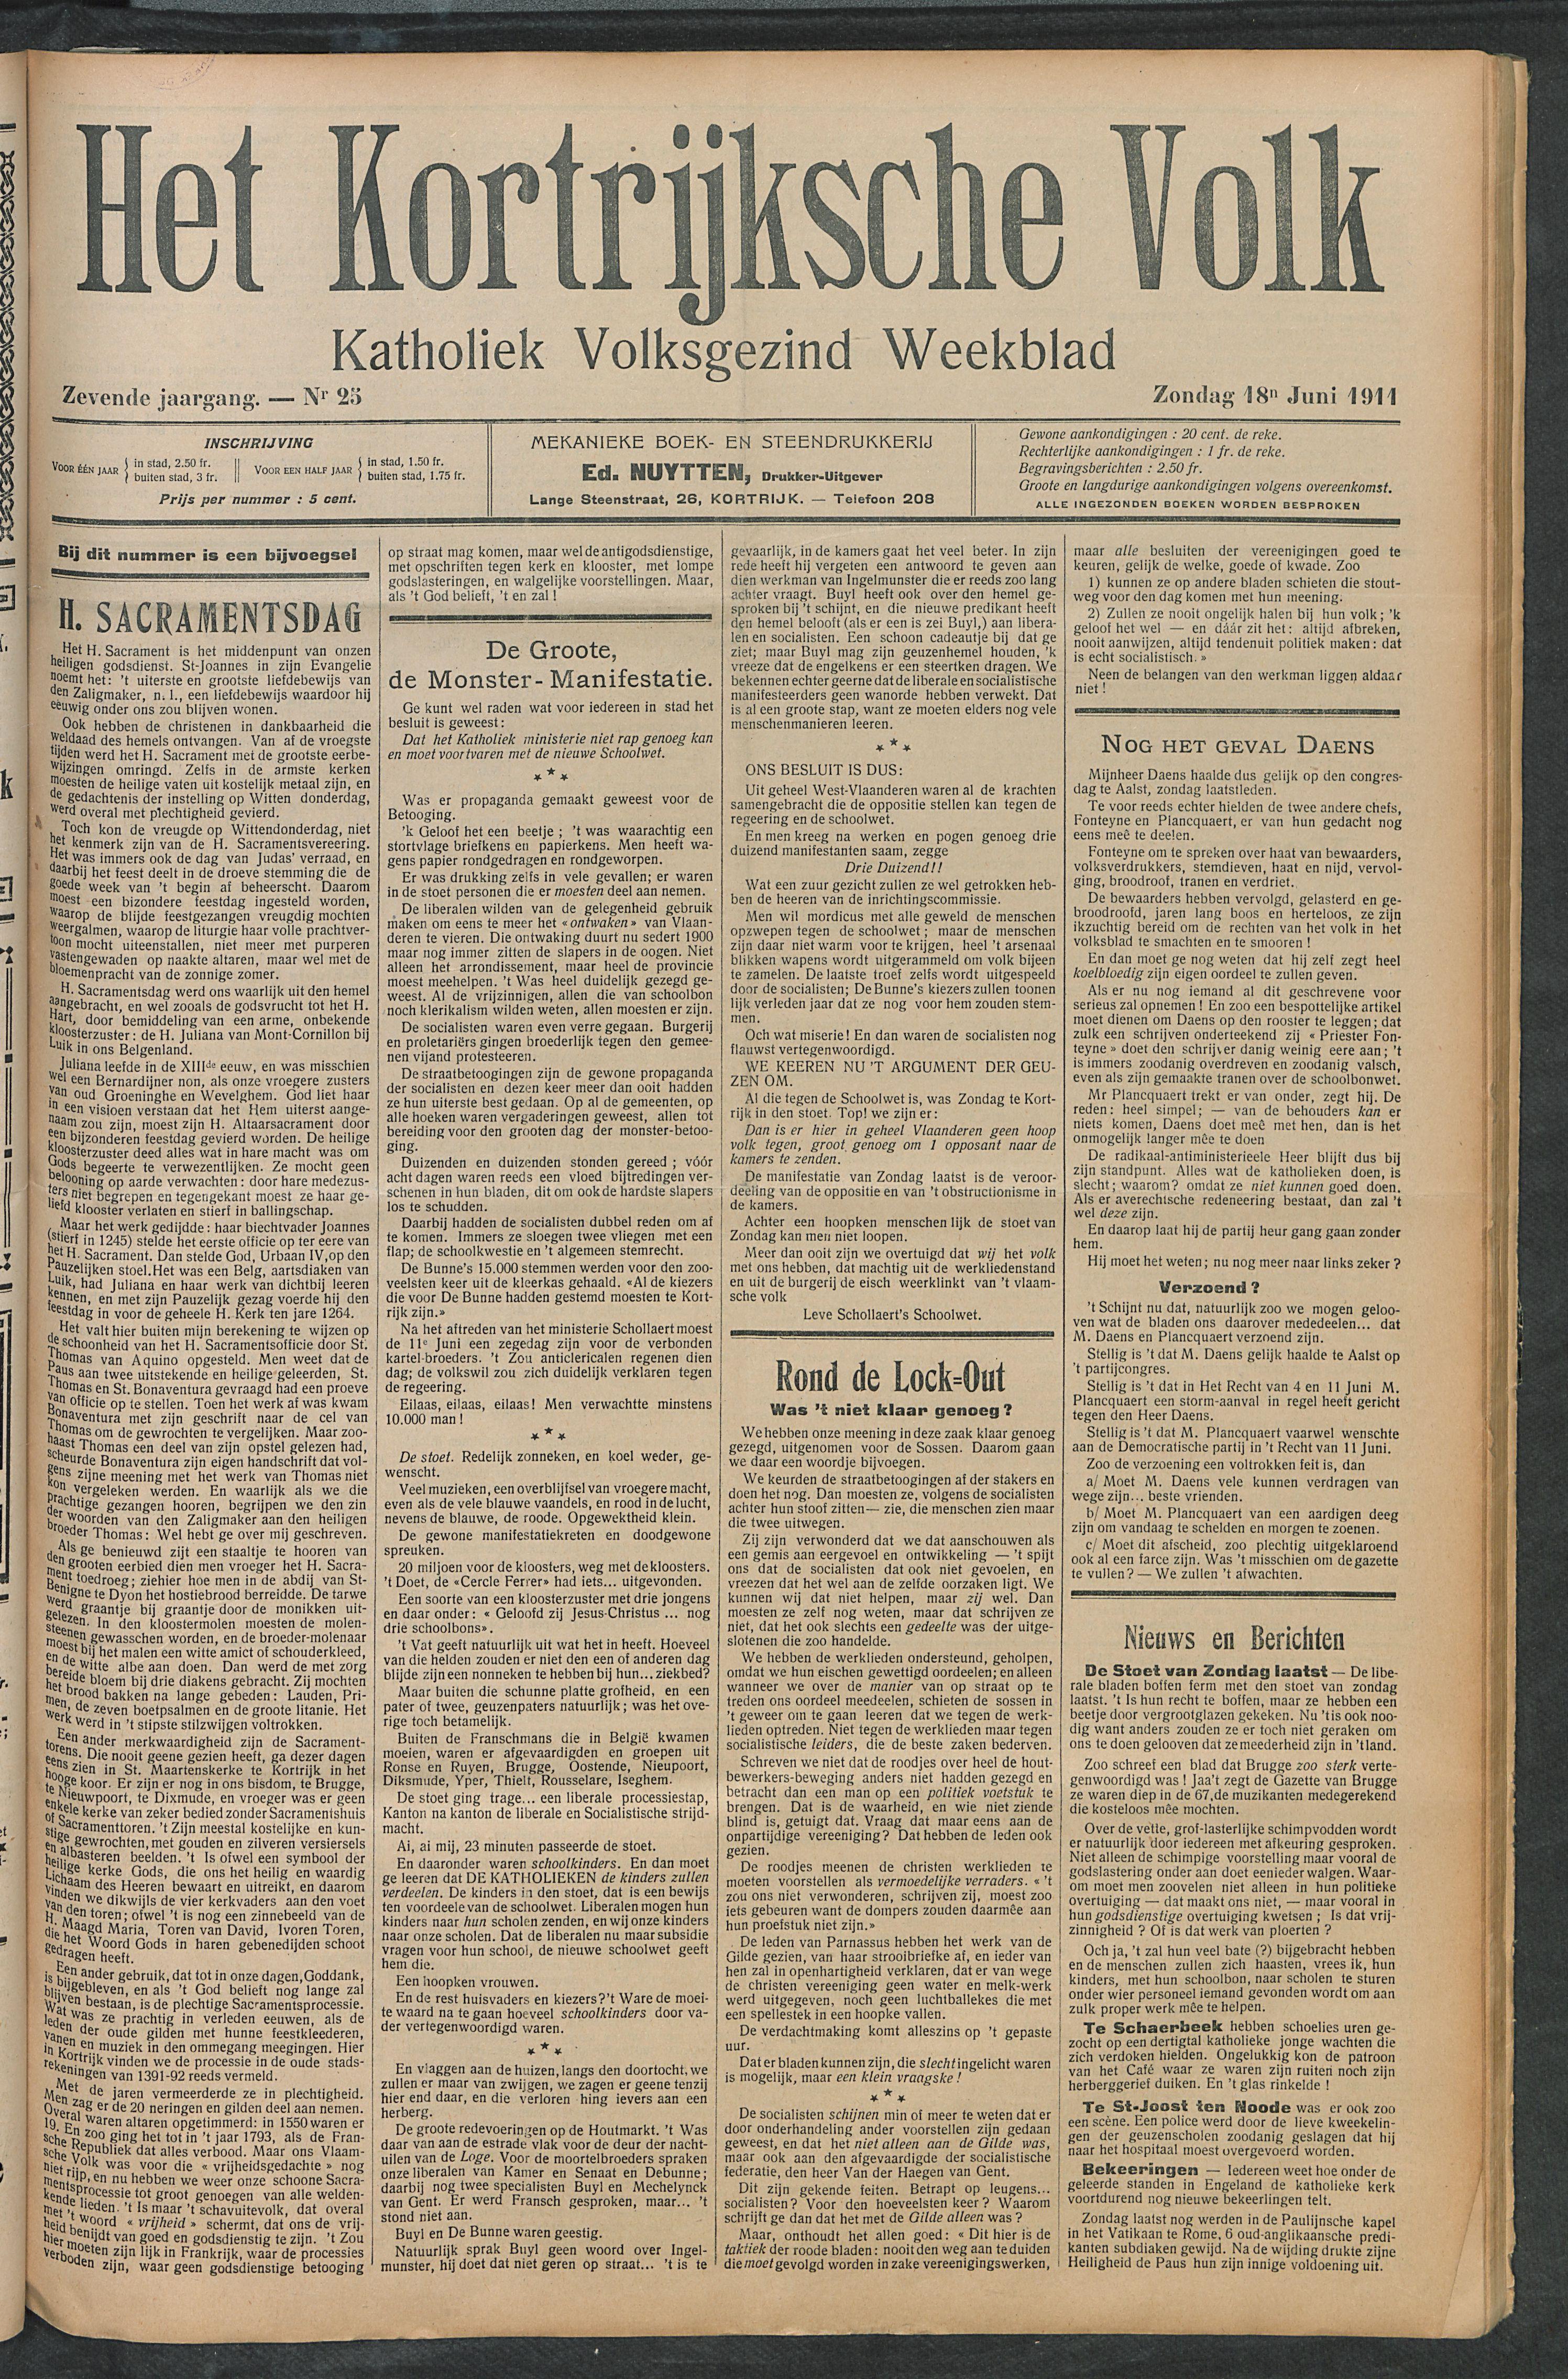 Het Kortrijksche Volk 1911-06-18 p1